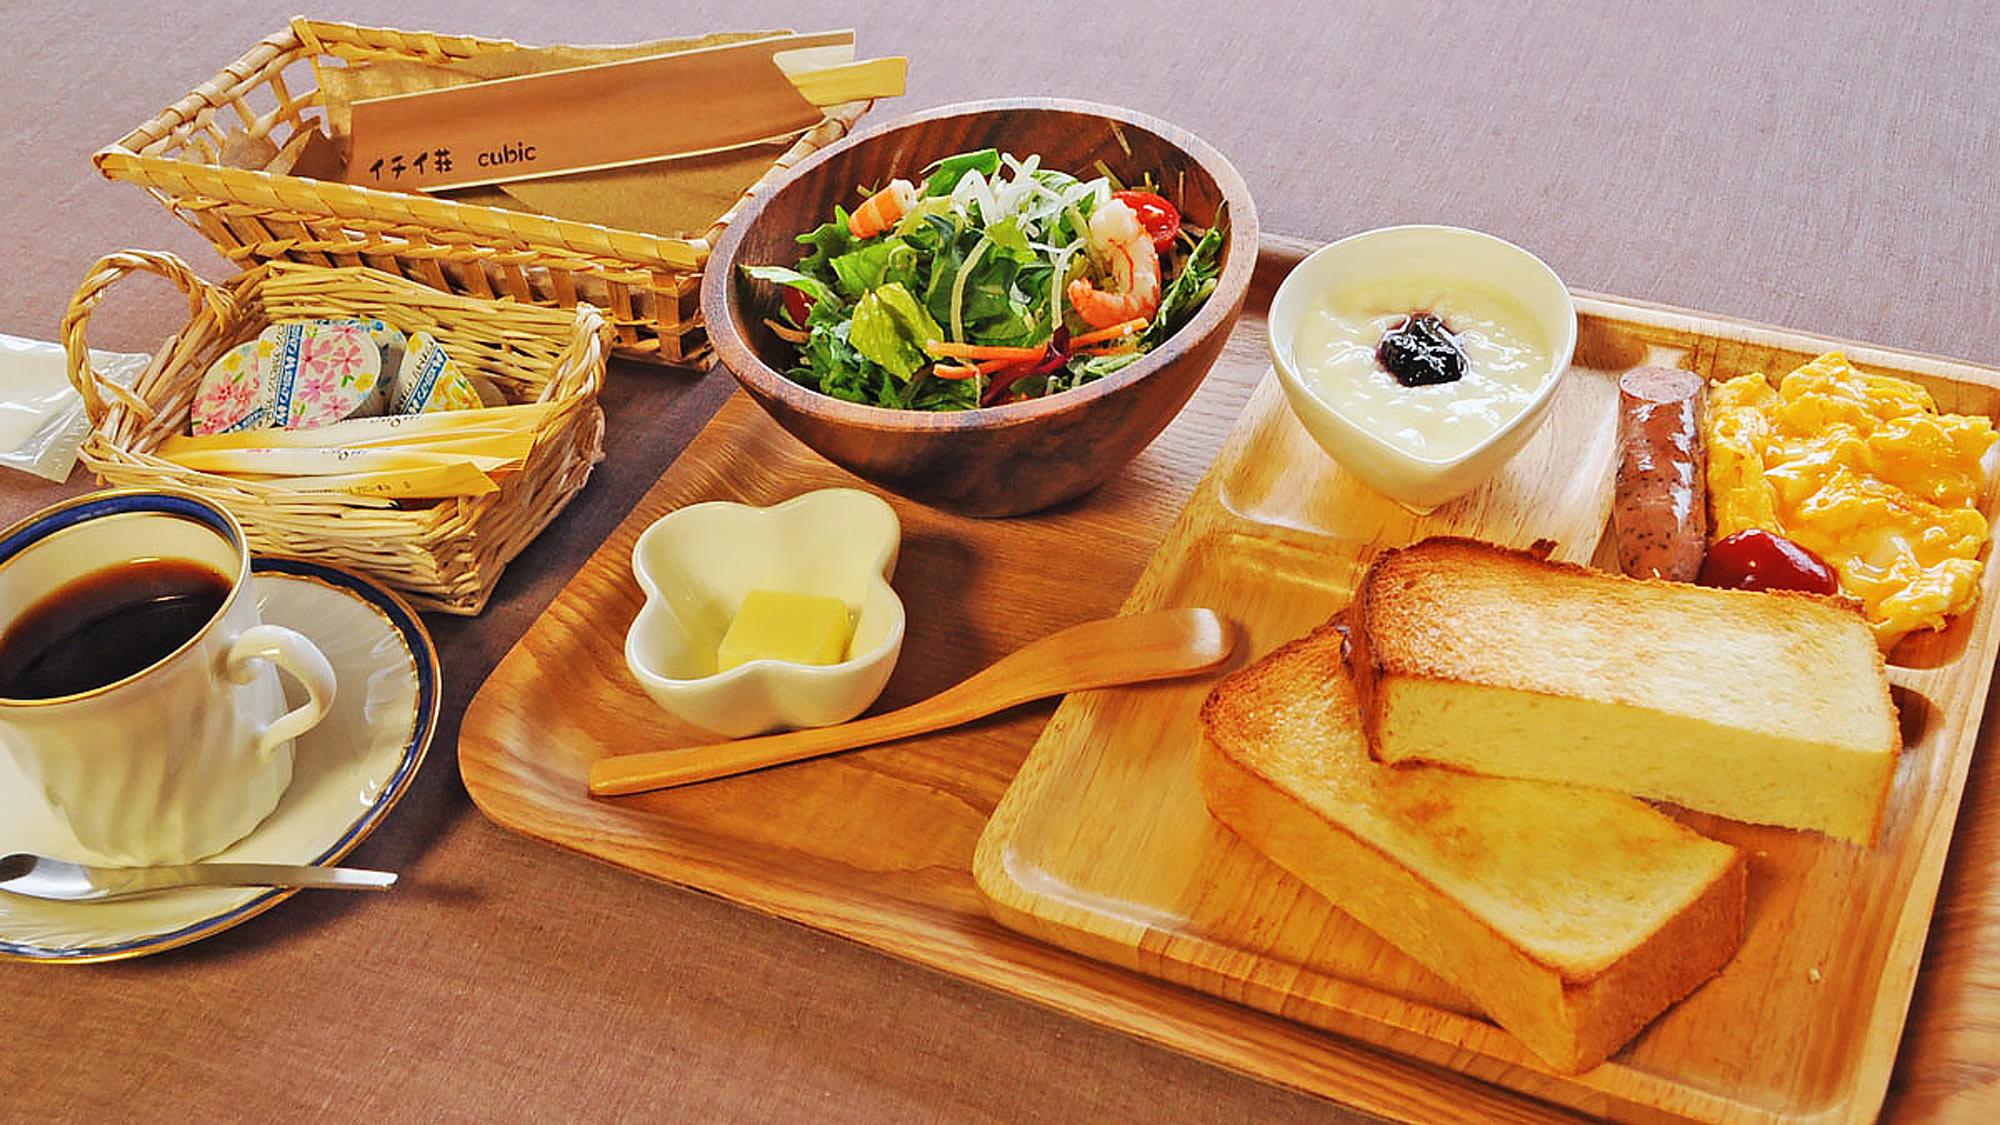 【朝食の一例】米粉入りでもっちりした食感の自家製パンにホイップバターを付けてお召し上がりください。